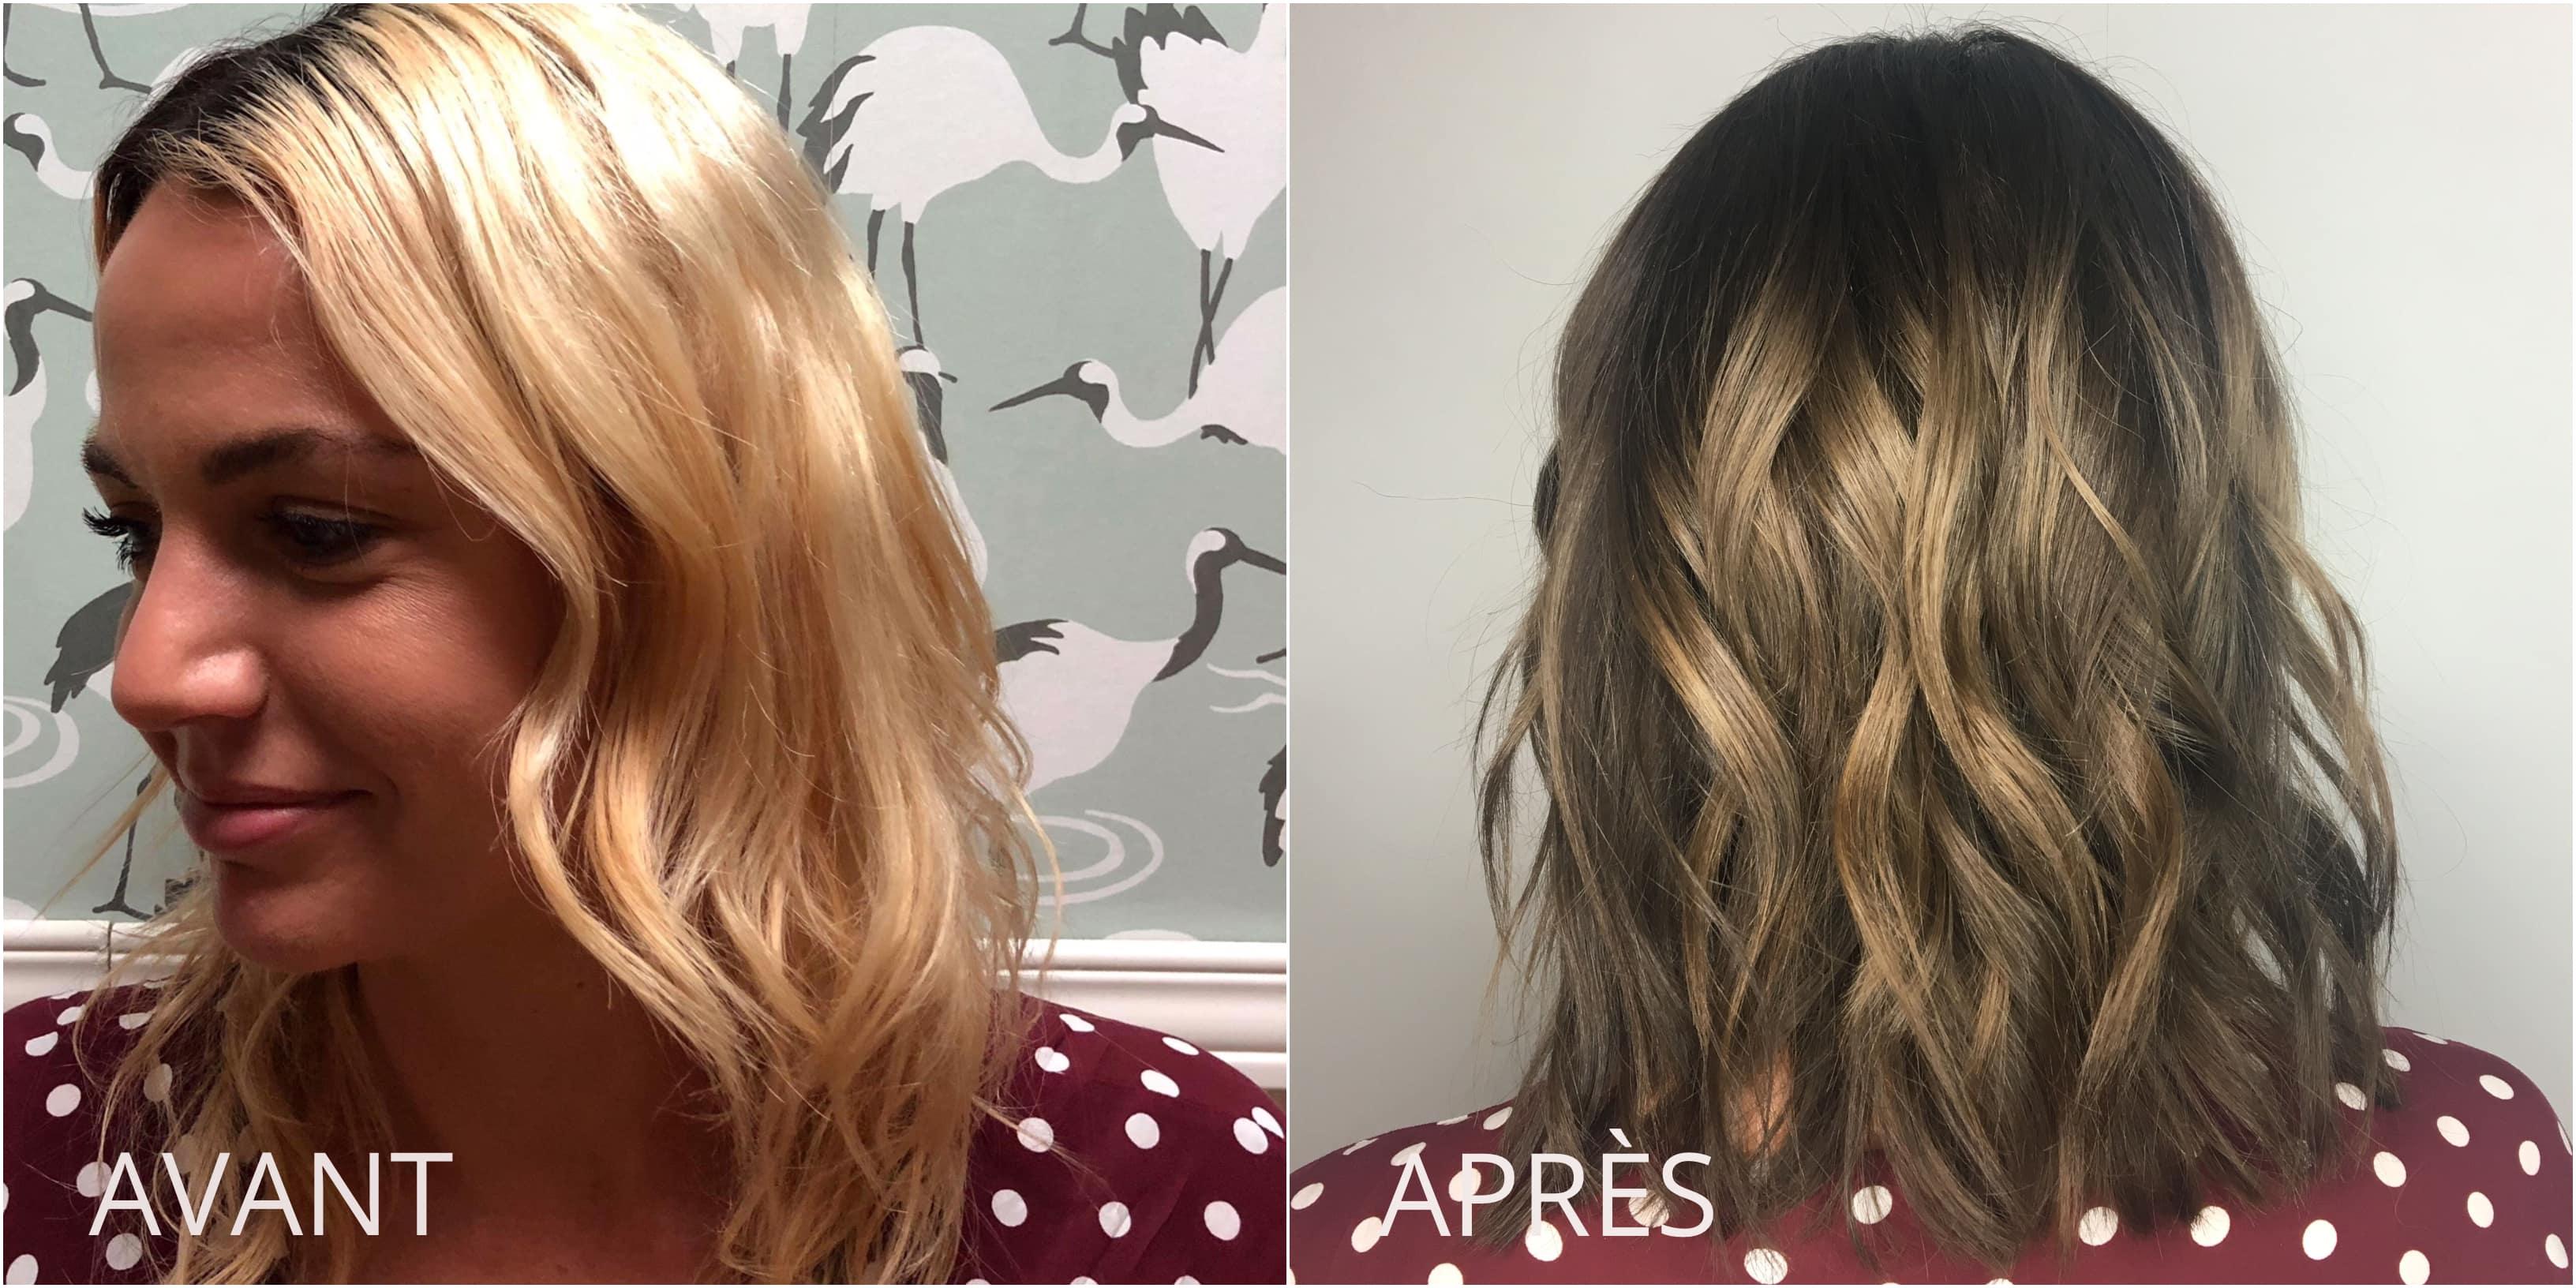 Comment se fait la teinture des cheveux dans un salon